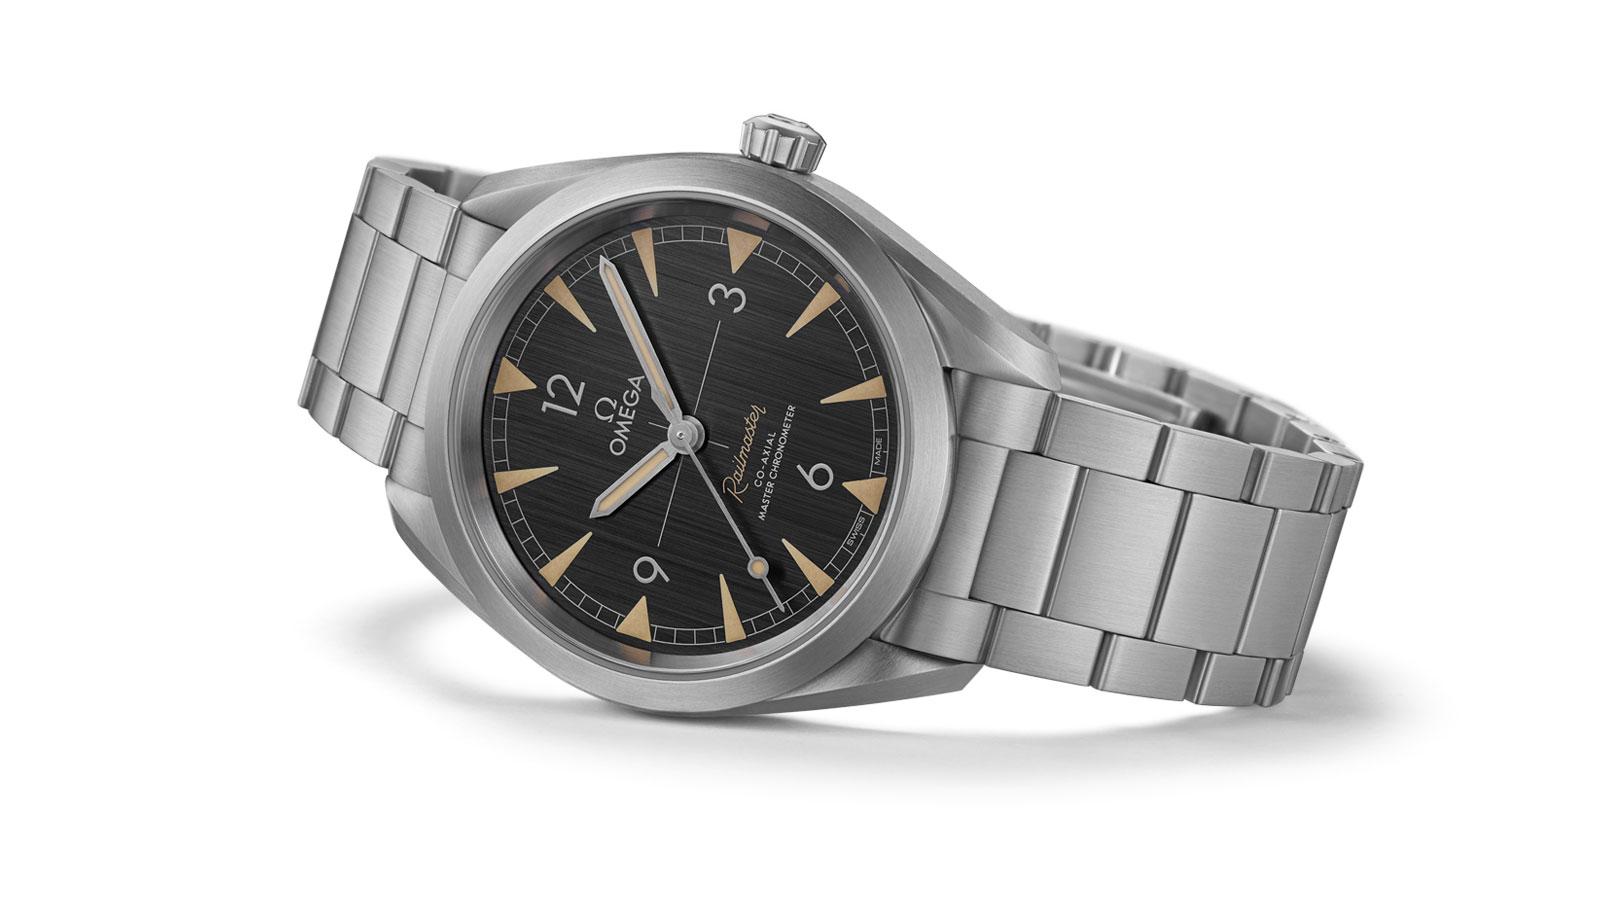 欧米茄海马系列铁霸腕表